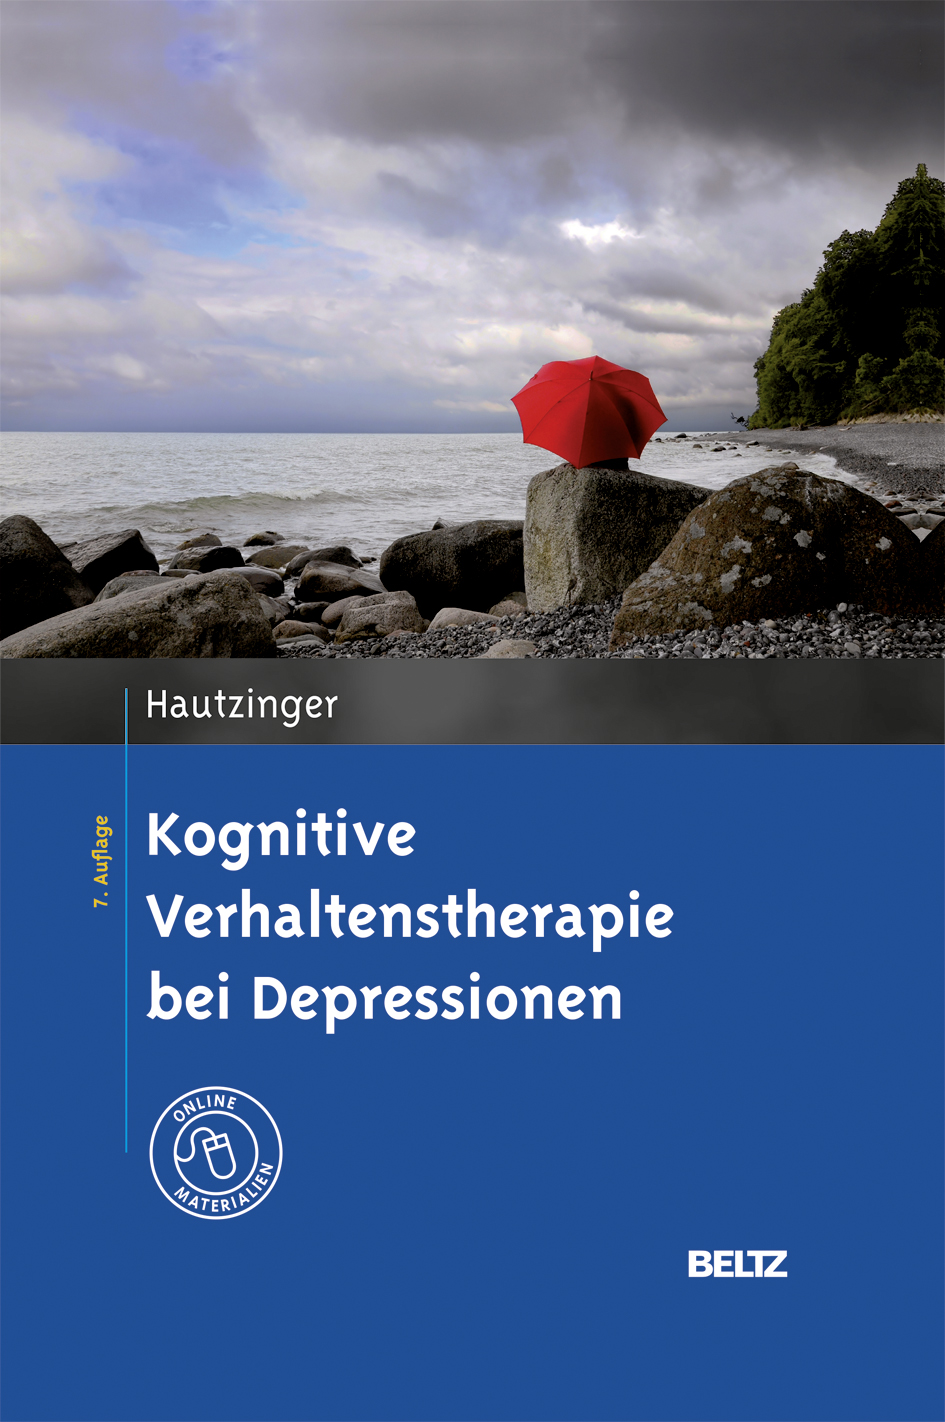 Kognitive Verhaltenstherapie bei Depressionen - Mit Online ...